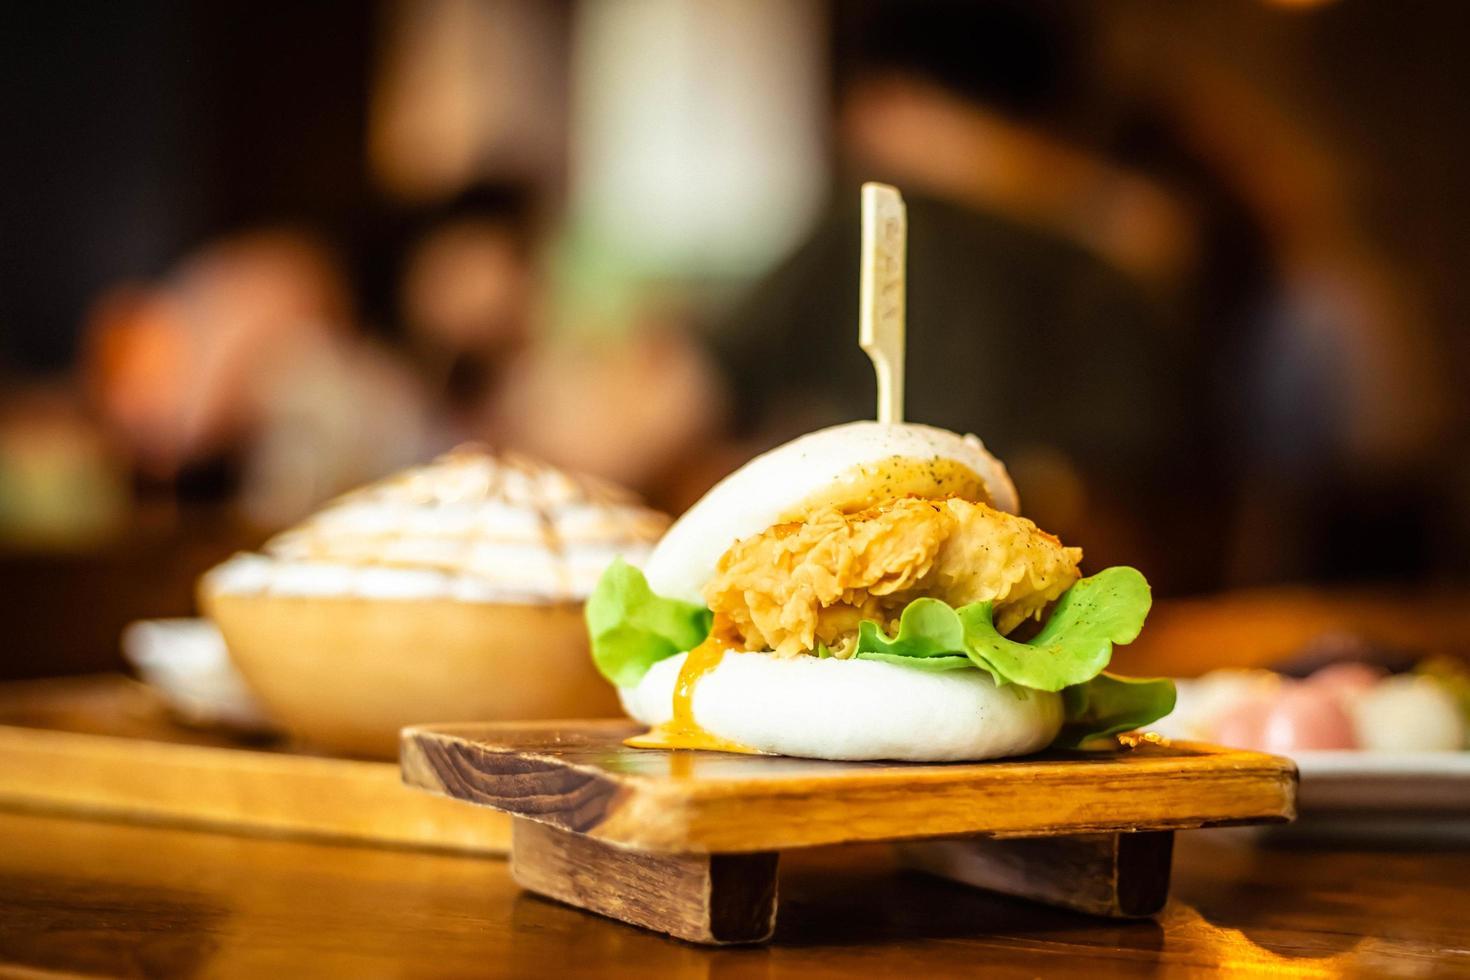 enfoque selectivo hirata buns.japanese traditonal food. cocina asiática hecha de bollos al vapor rellenos de ensalada y deliciosos rellenos salados, sándwiches o tacos foto